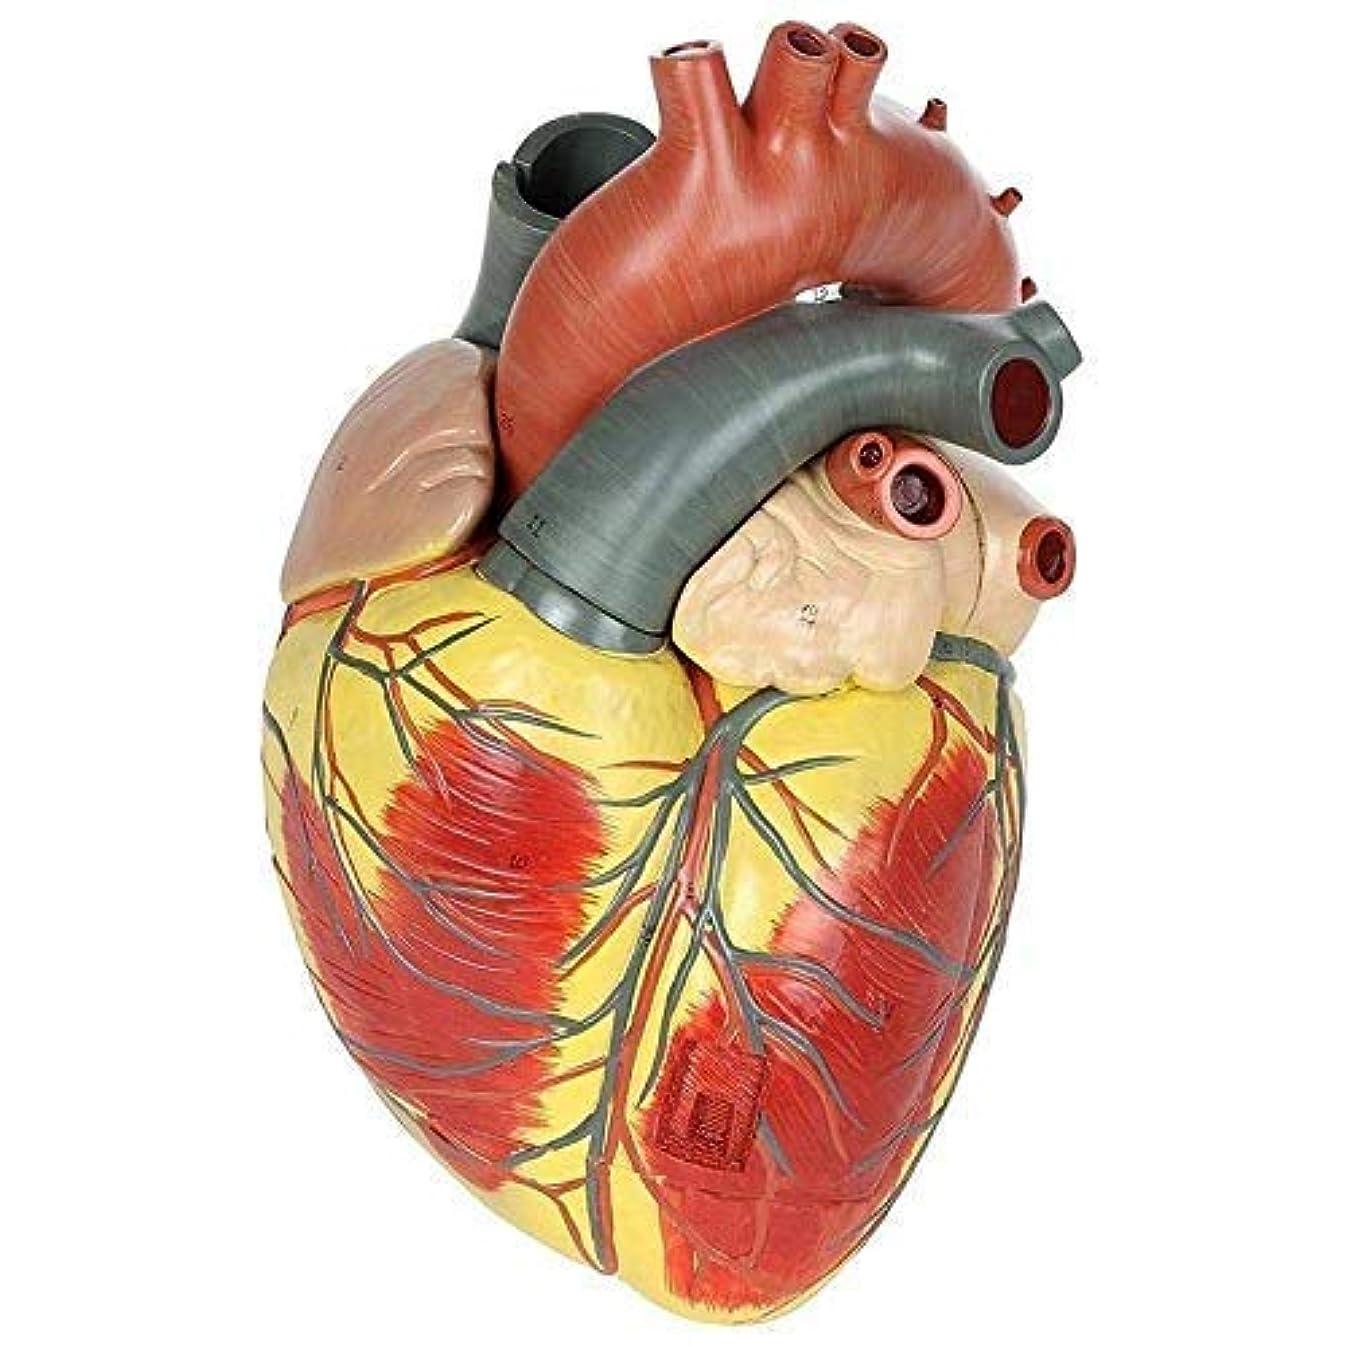 政治的ホバーエスカレーター教育モデル逆アセンブルされた解剖学的人間の心臓モデル解剖学医療教育ツール実験的教育支援